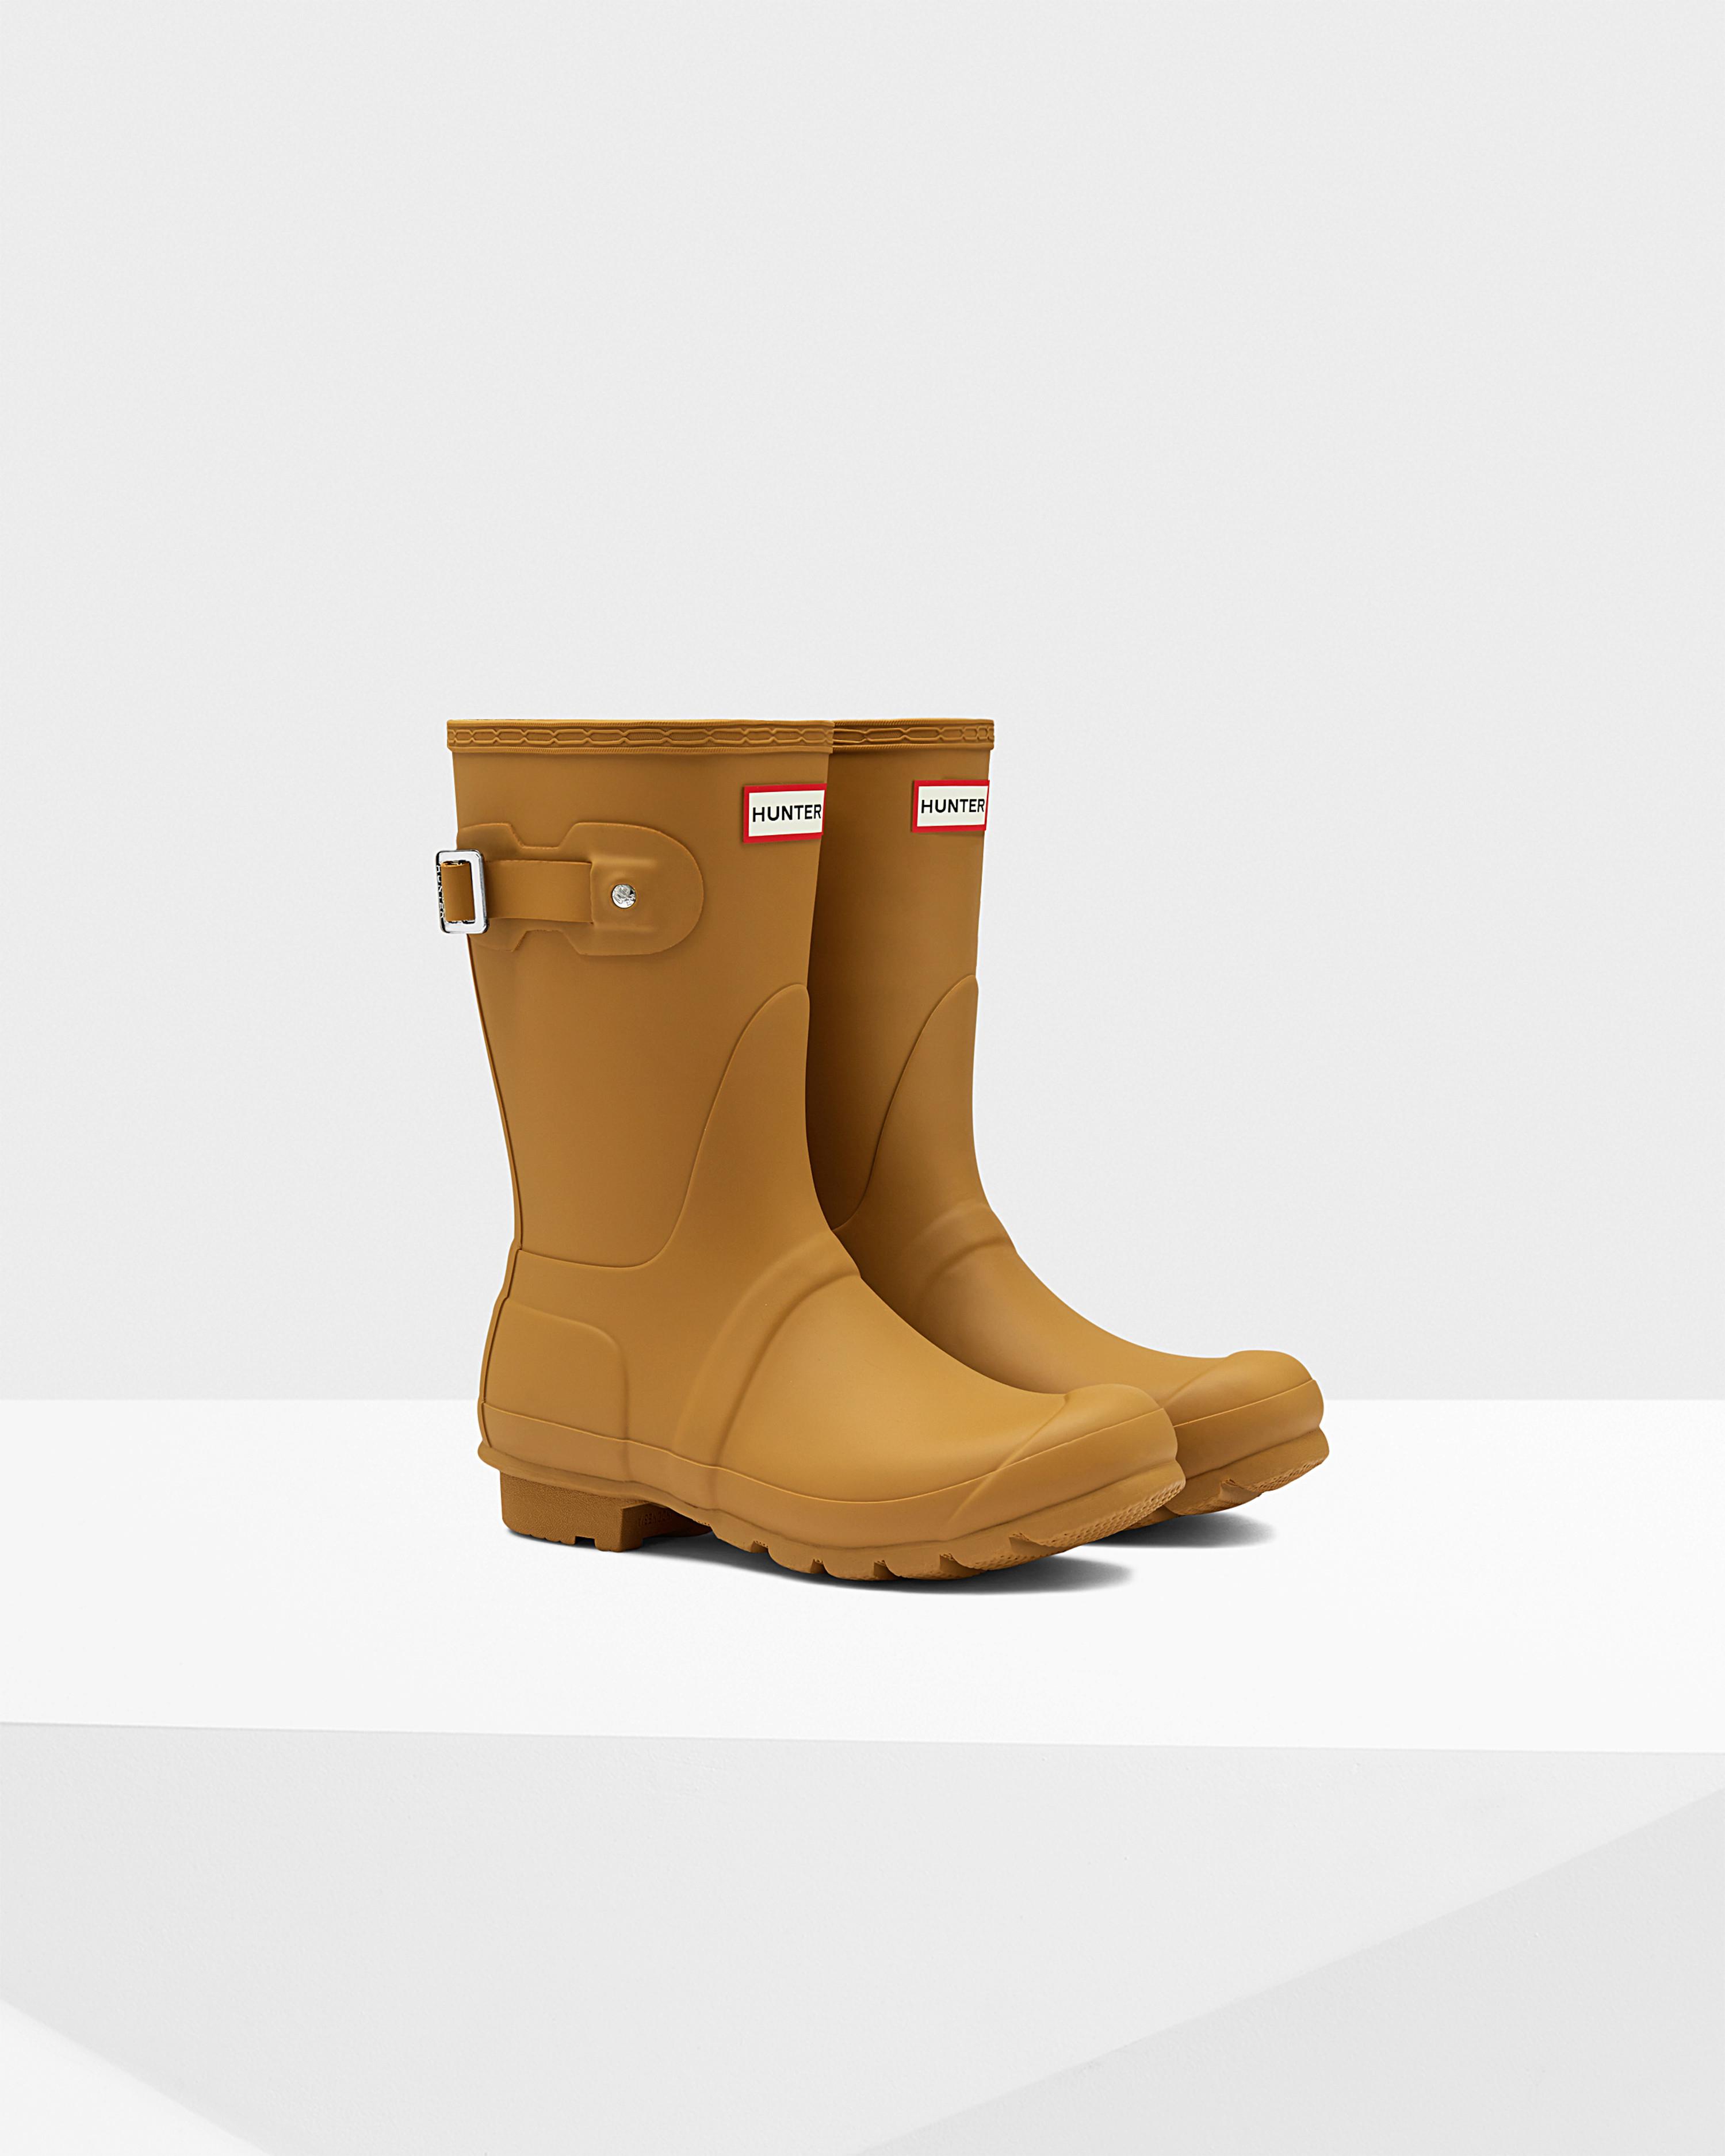 Sorel Rain Boots Nordstrom